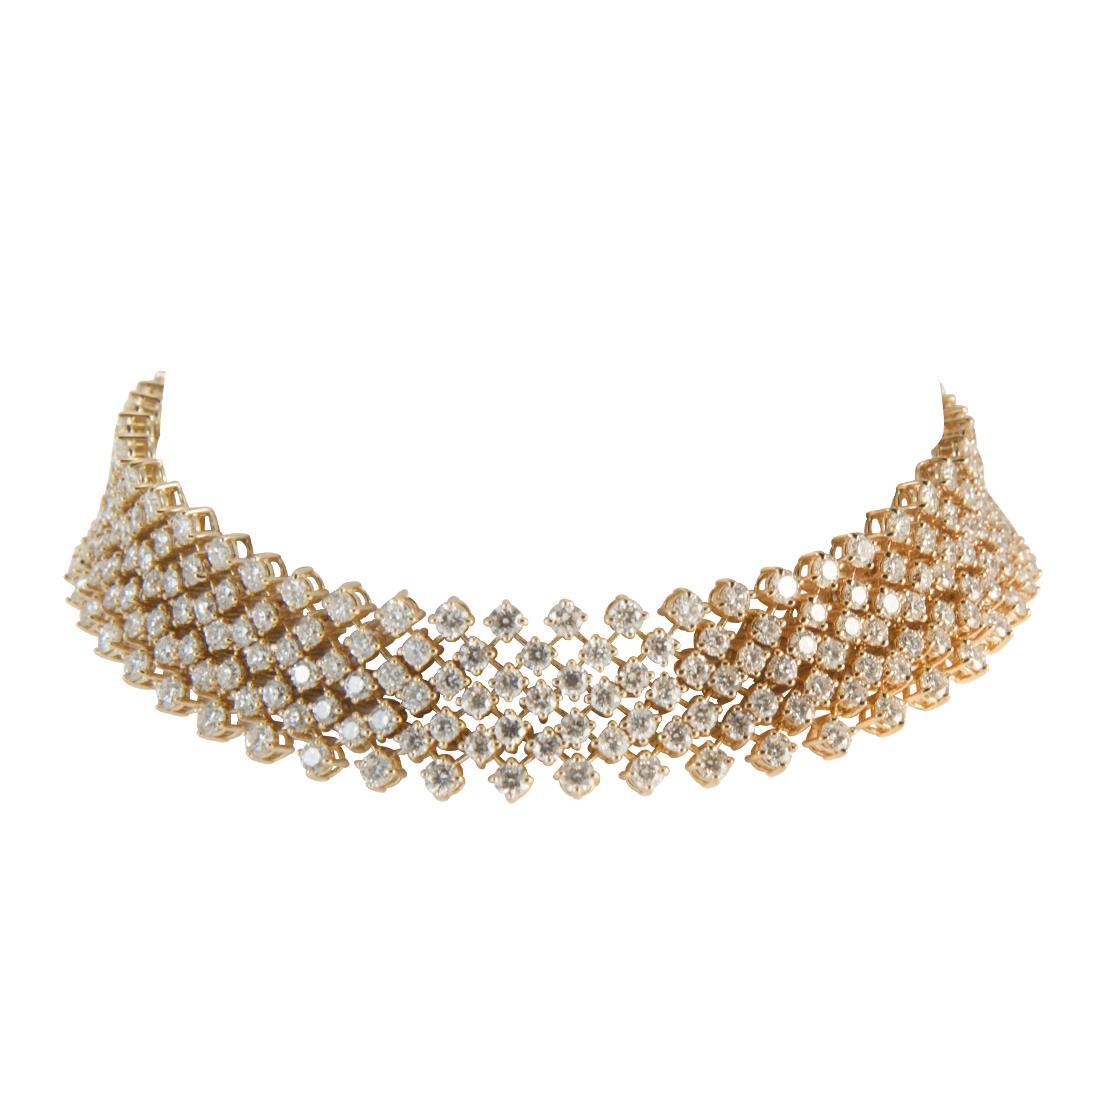 Bracciale  in oro rosa con diamanti ct 9.30 - ALFIERI ST JOHN